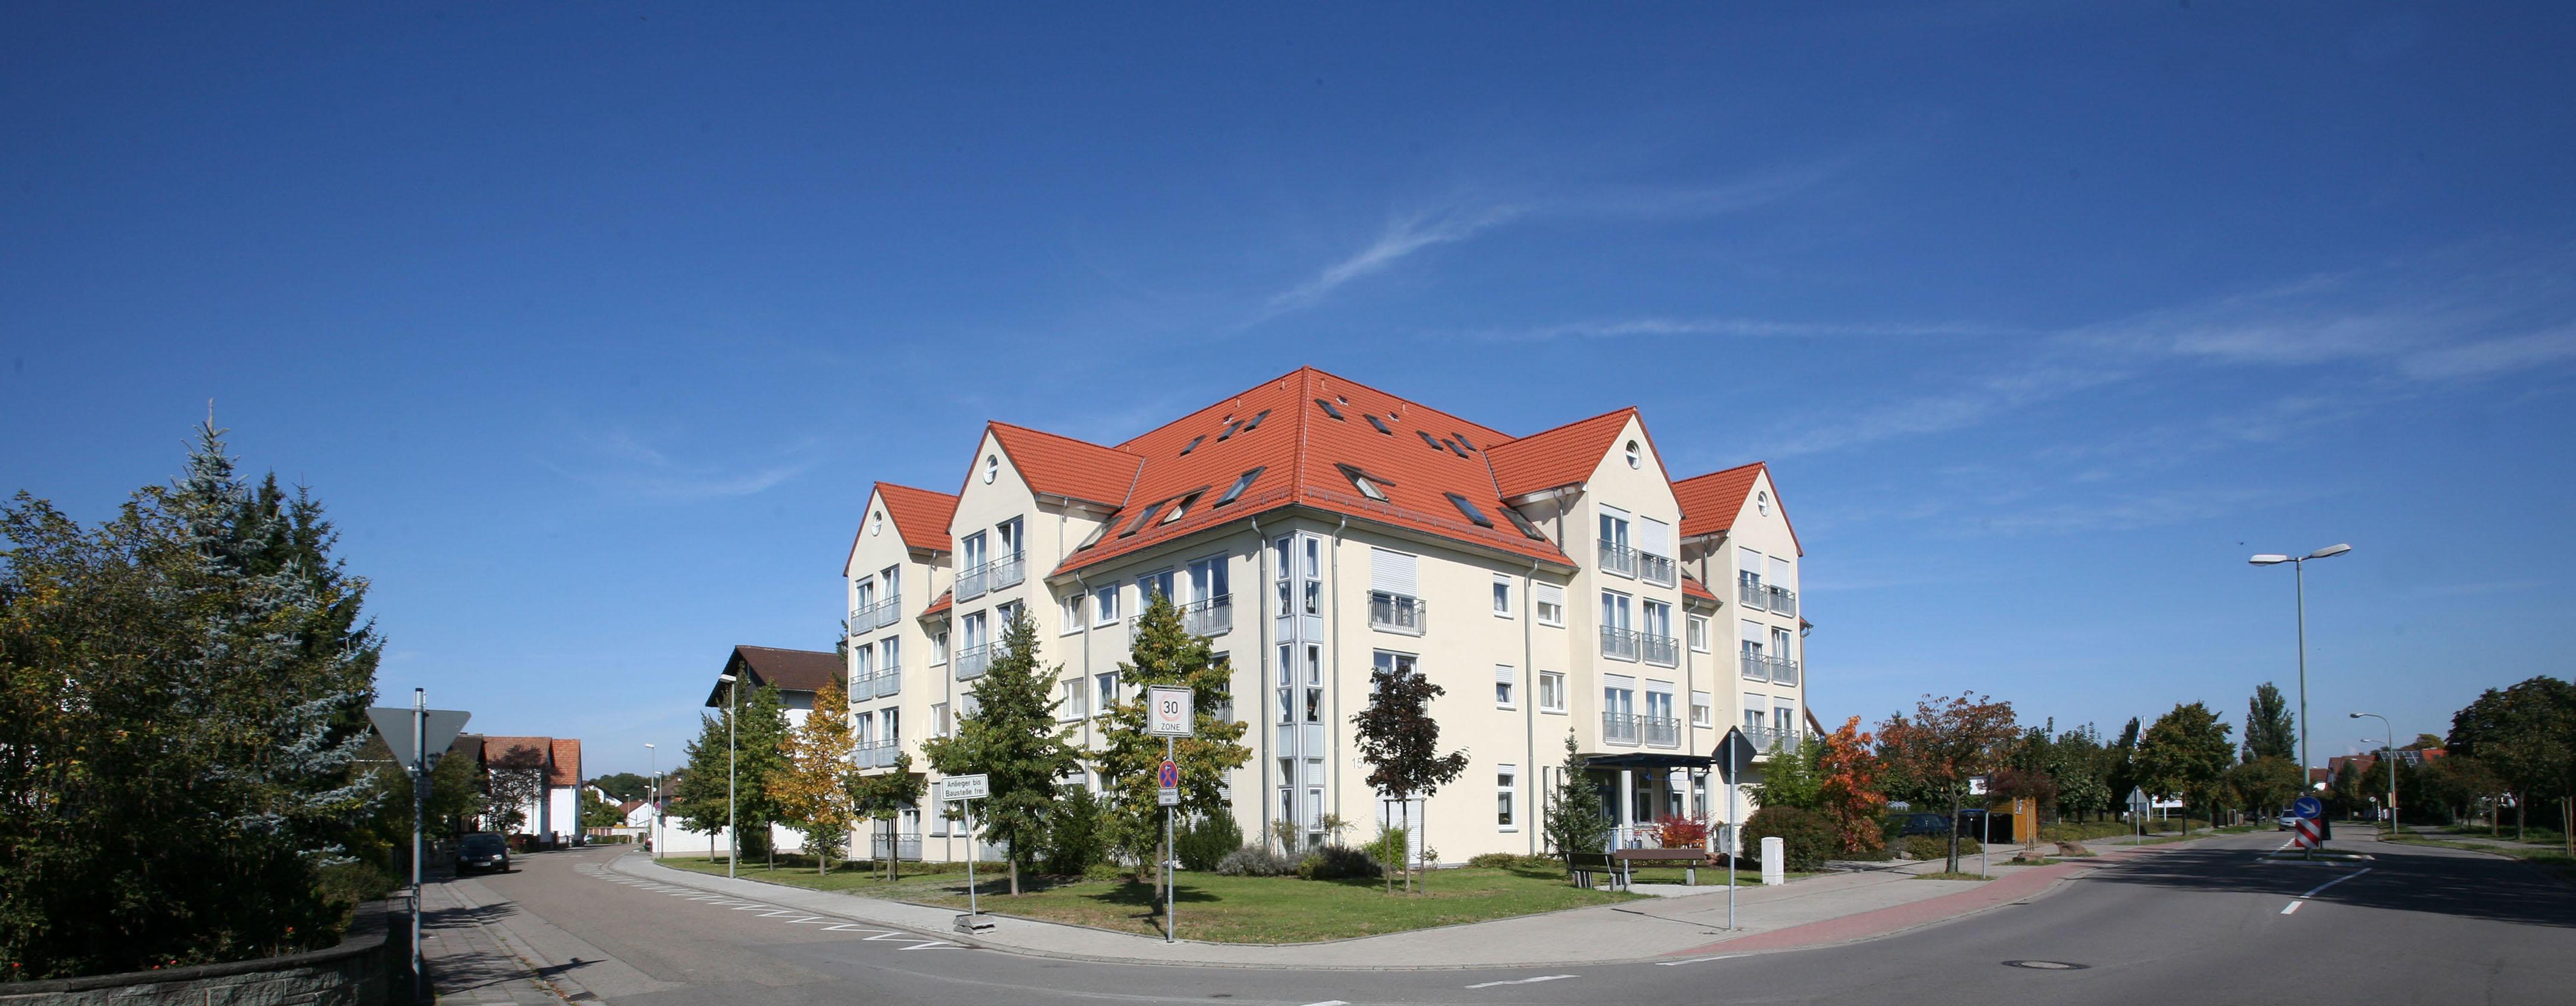 AWO Seniorenhaus